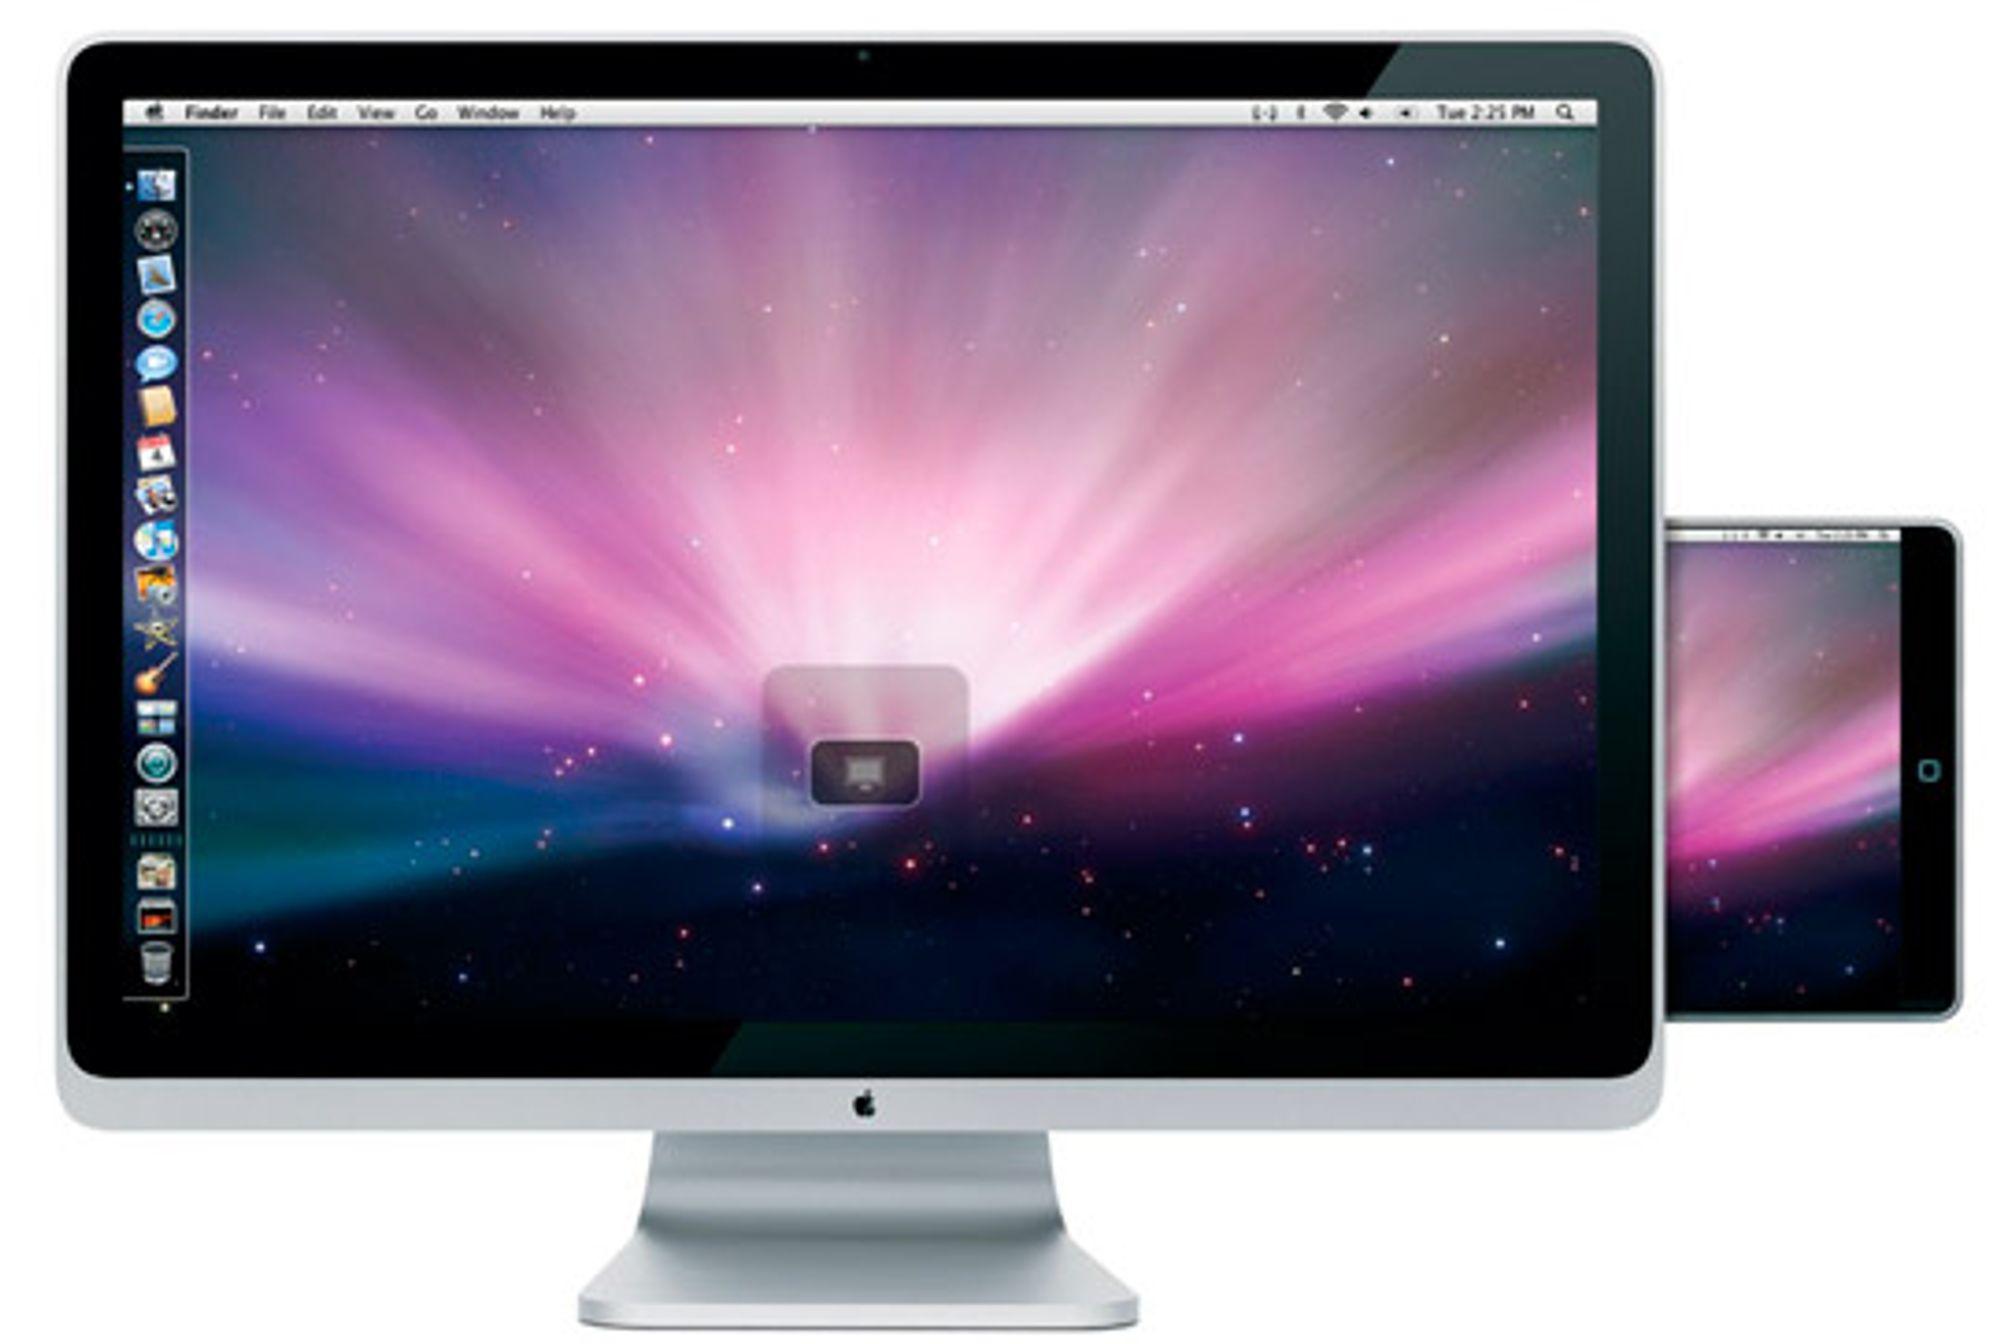 En egen skjerm med docking-mulighet for Macbook Touch.